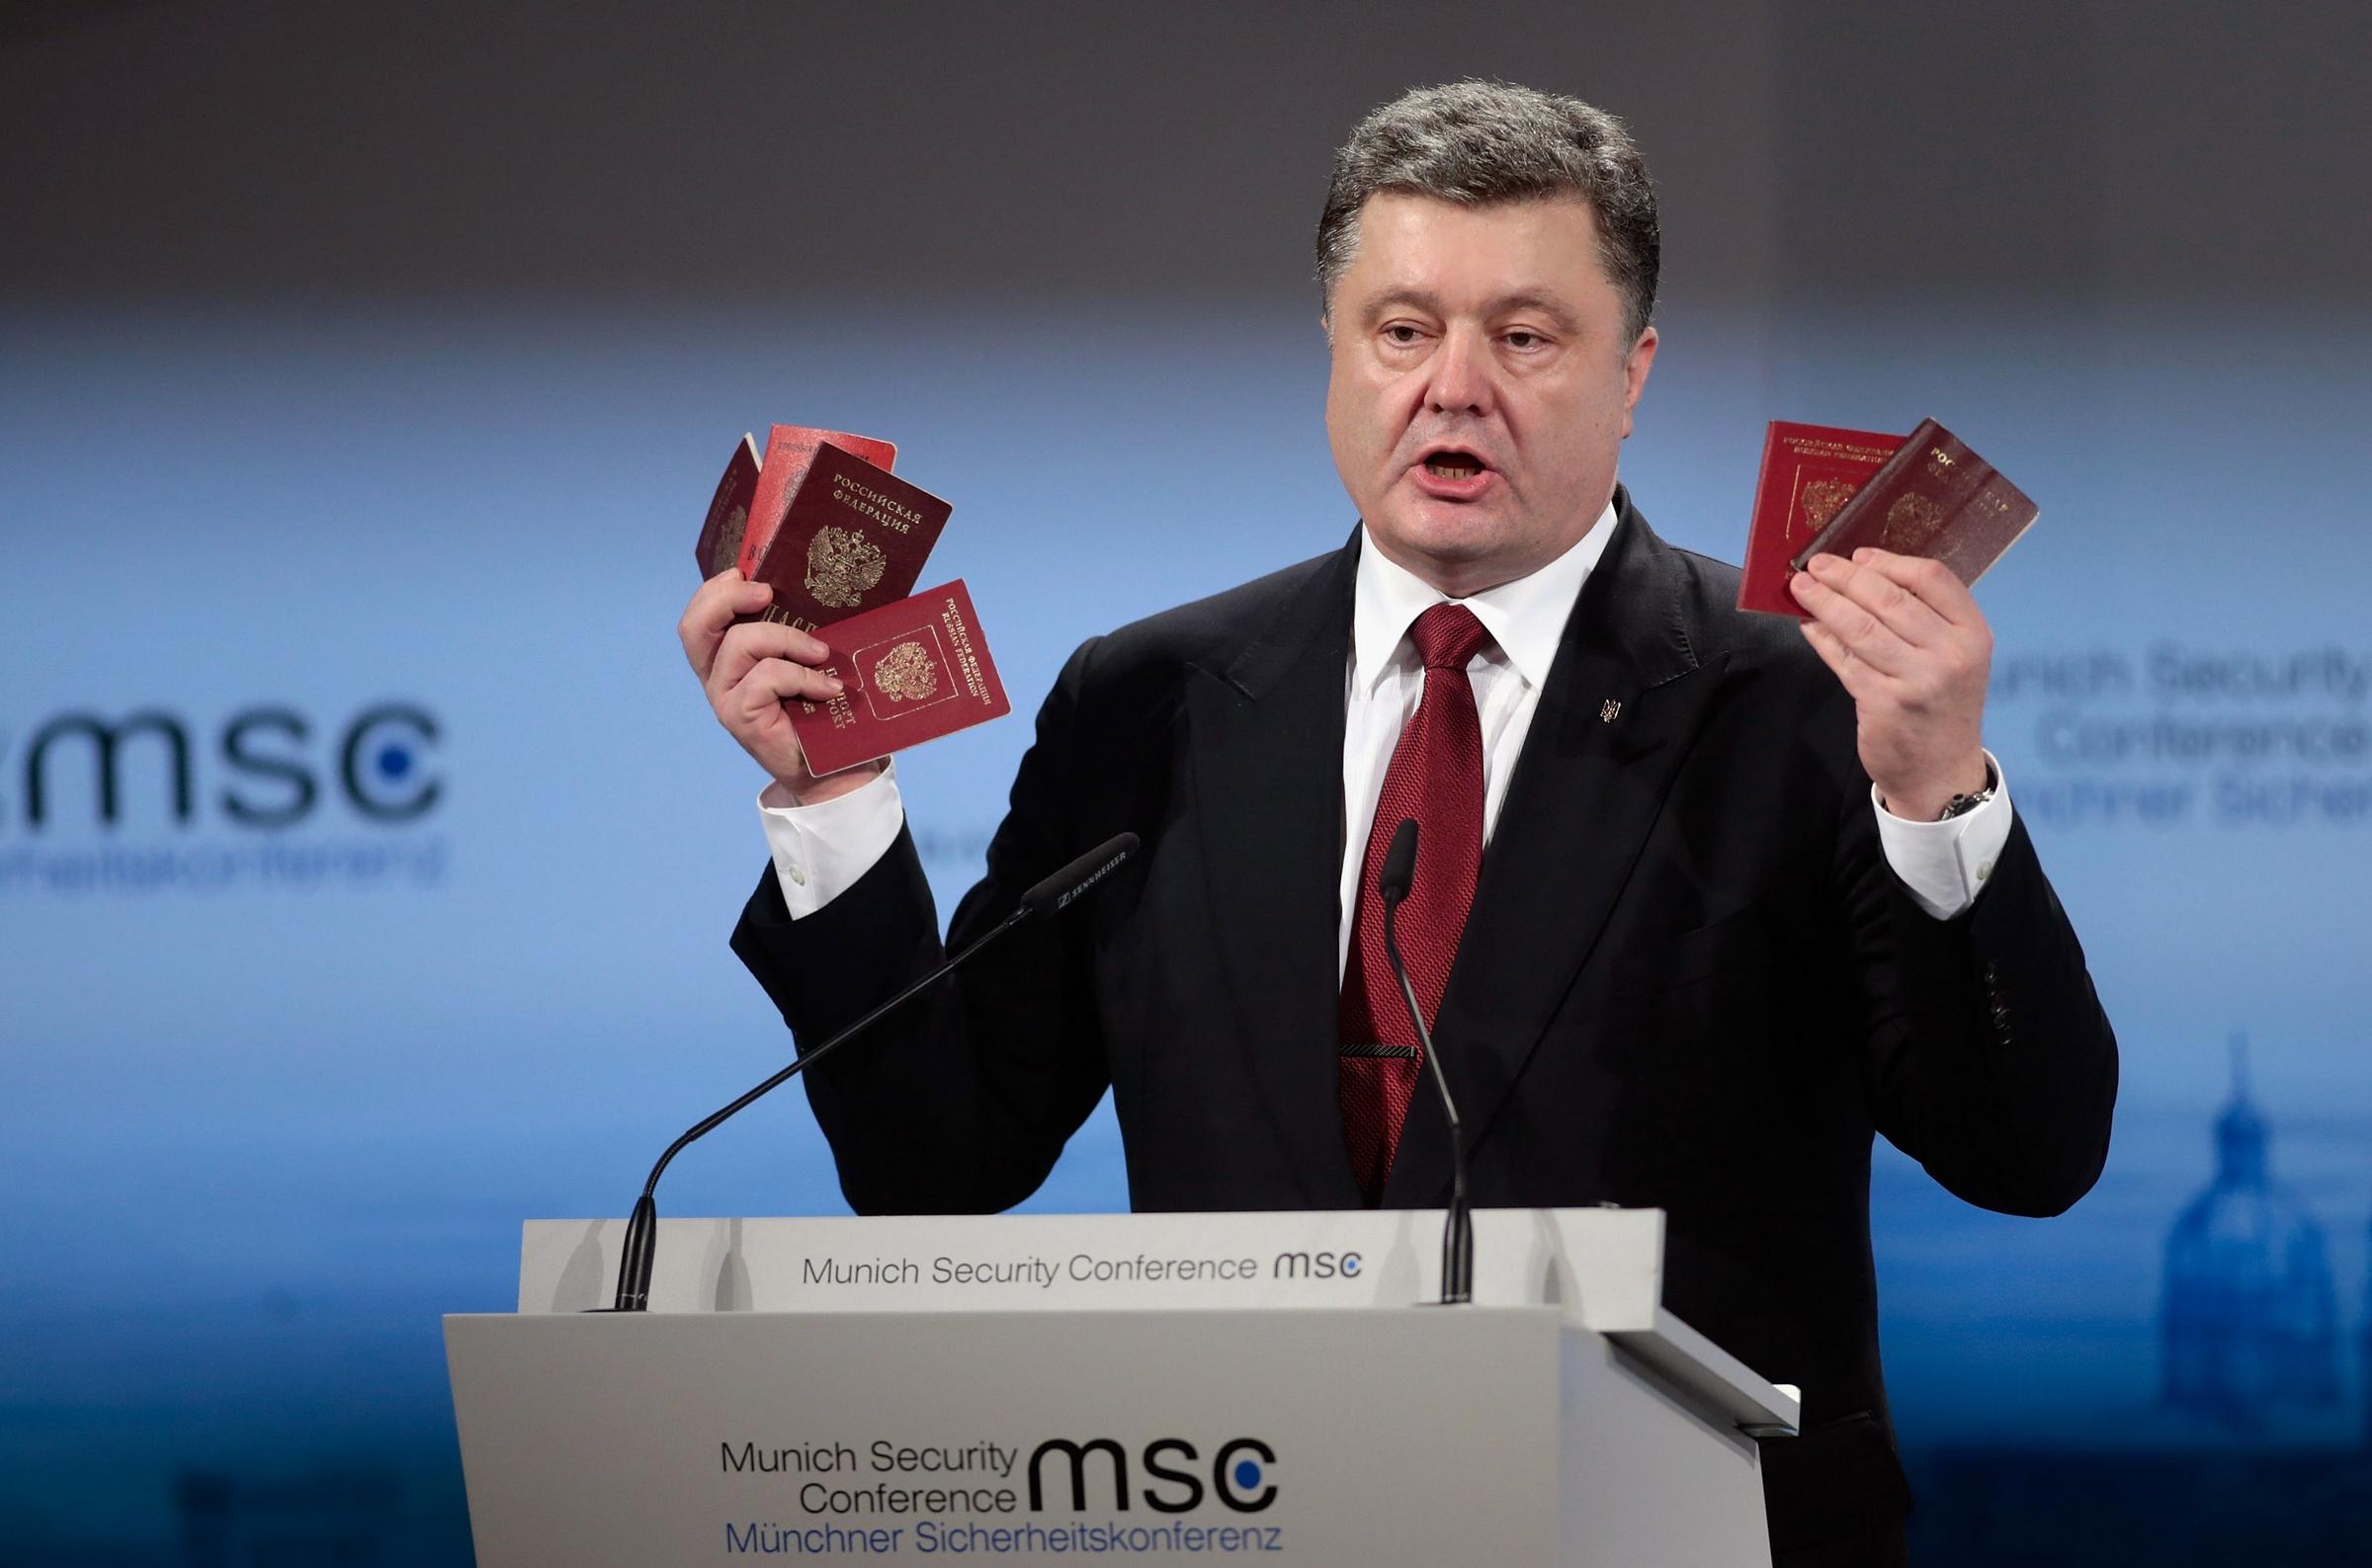 Немцов собирался доказать военную агрессию РФ, - Порошенко